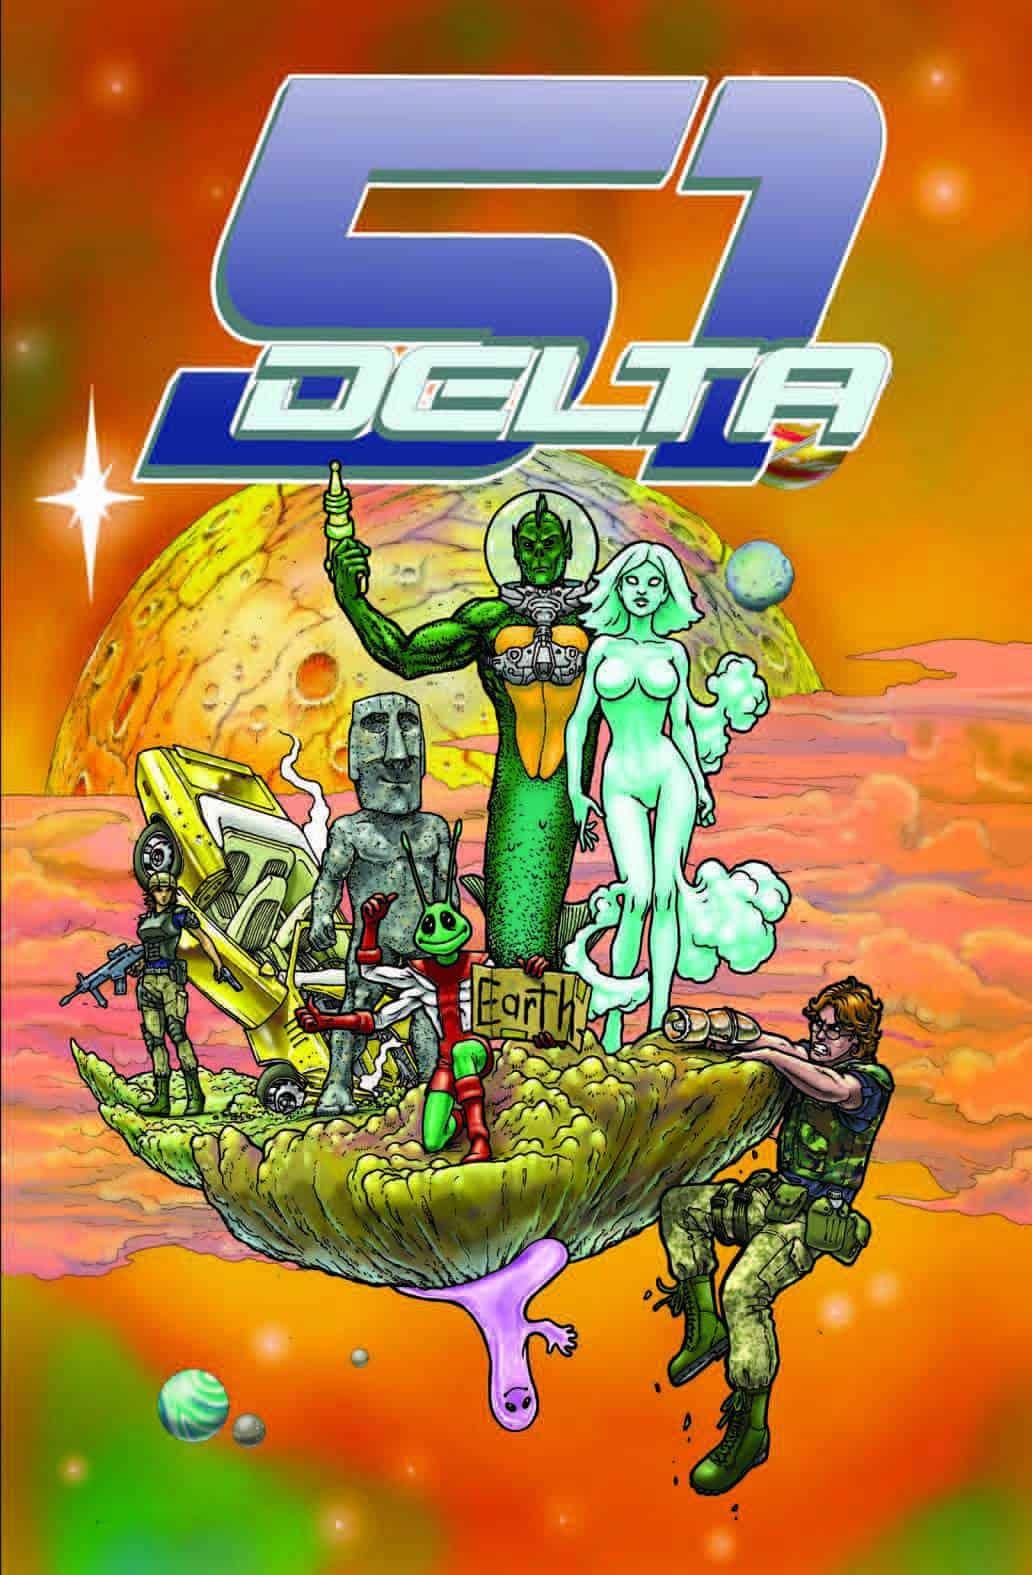 51 Delta 1